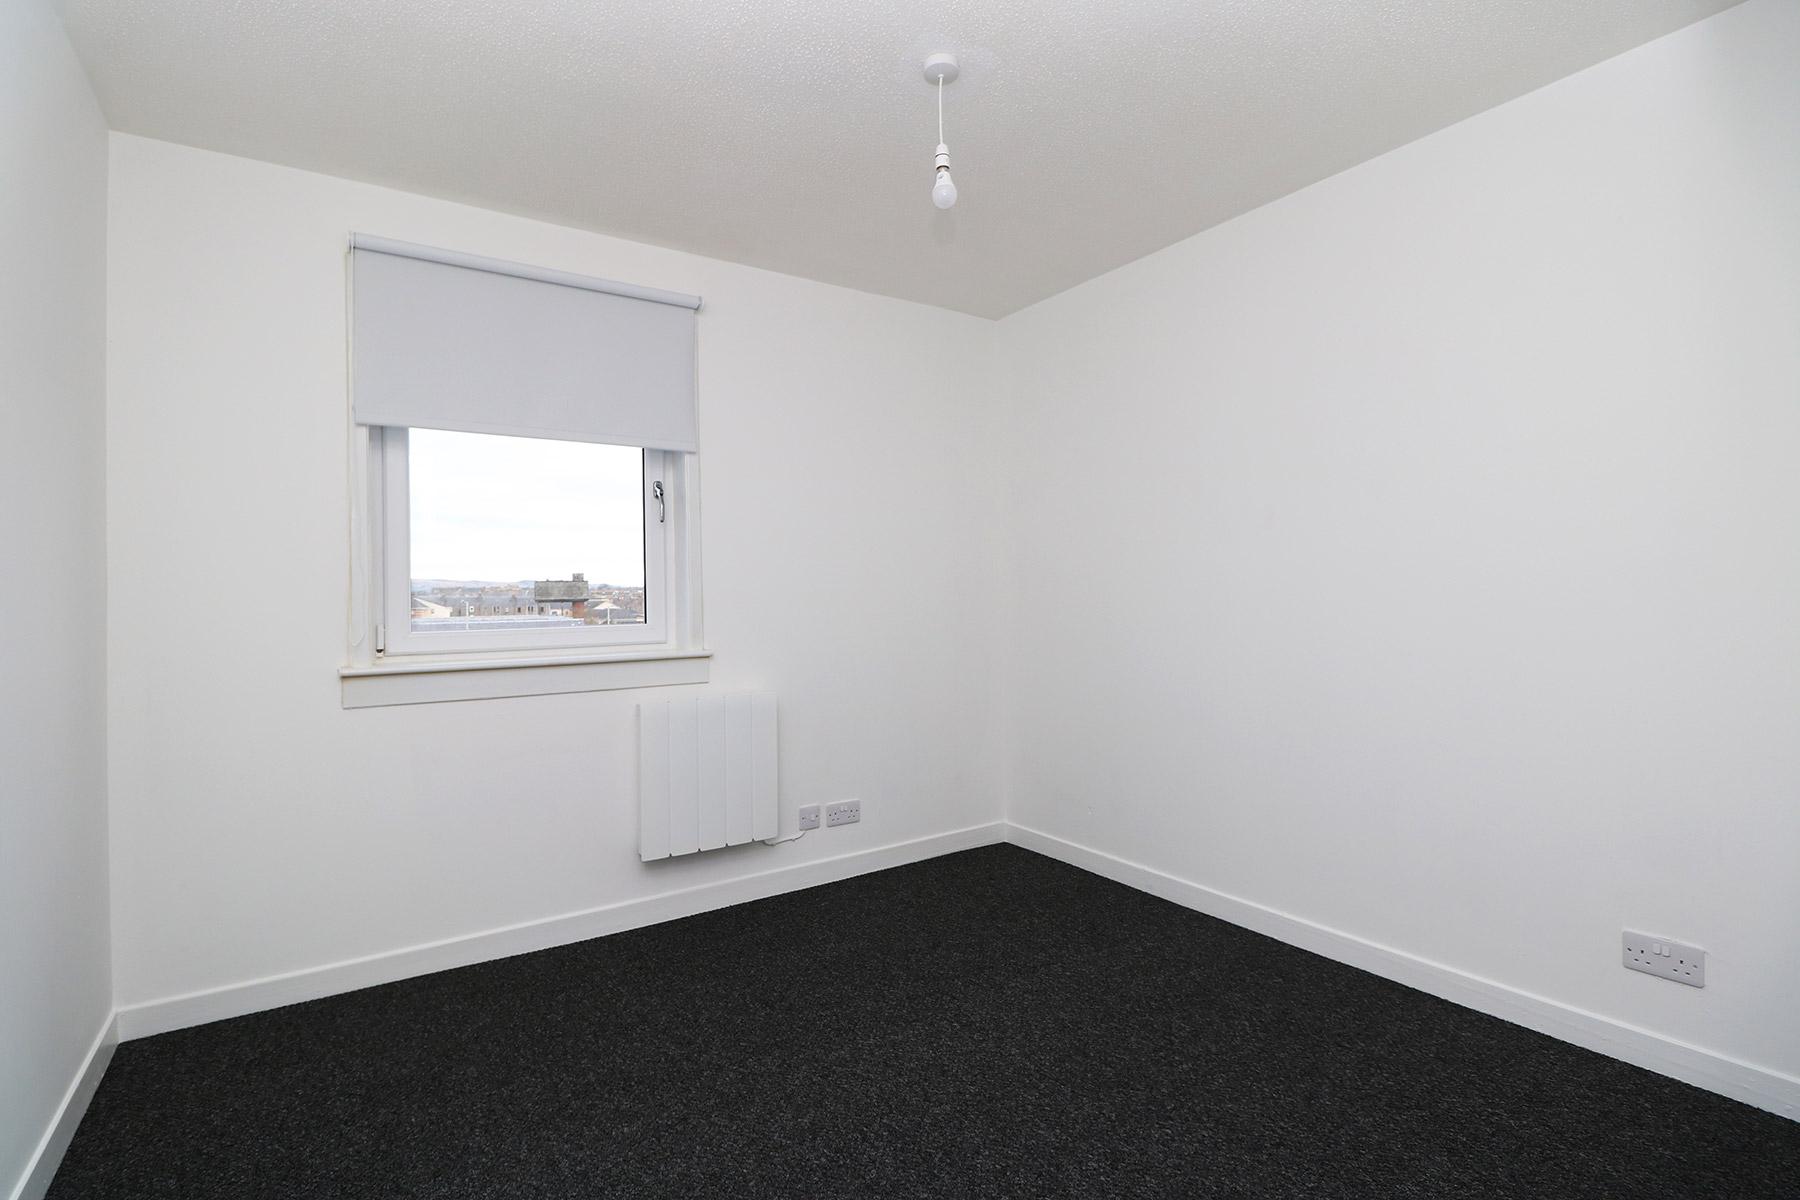 keats-place-bedroom-two.jpg